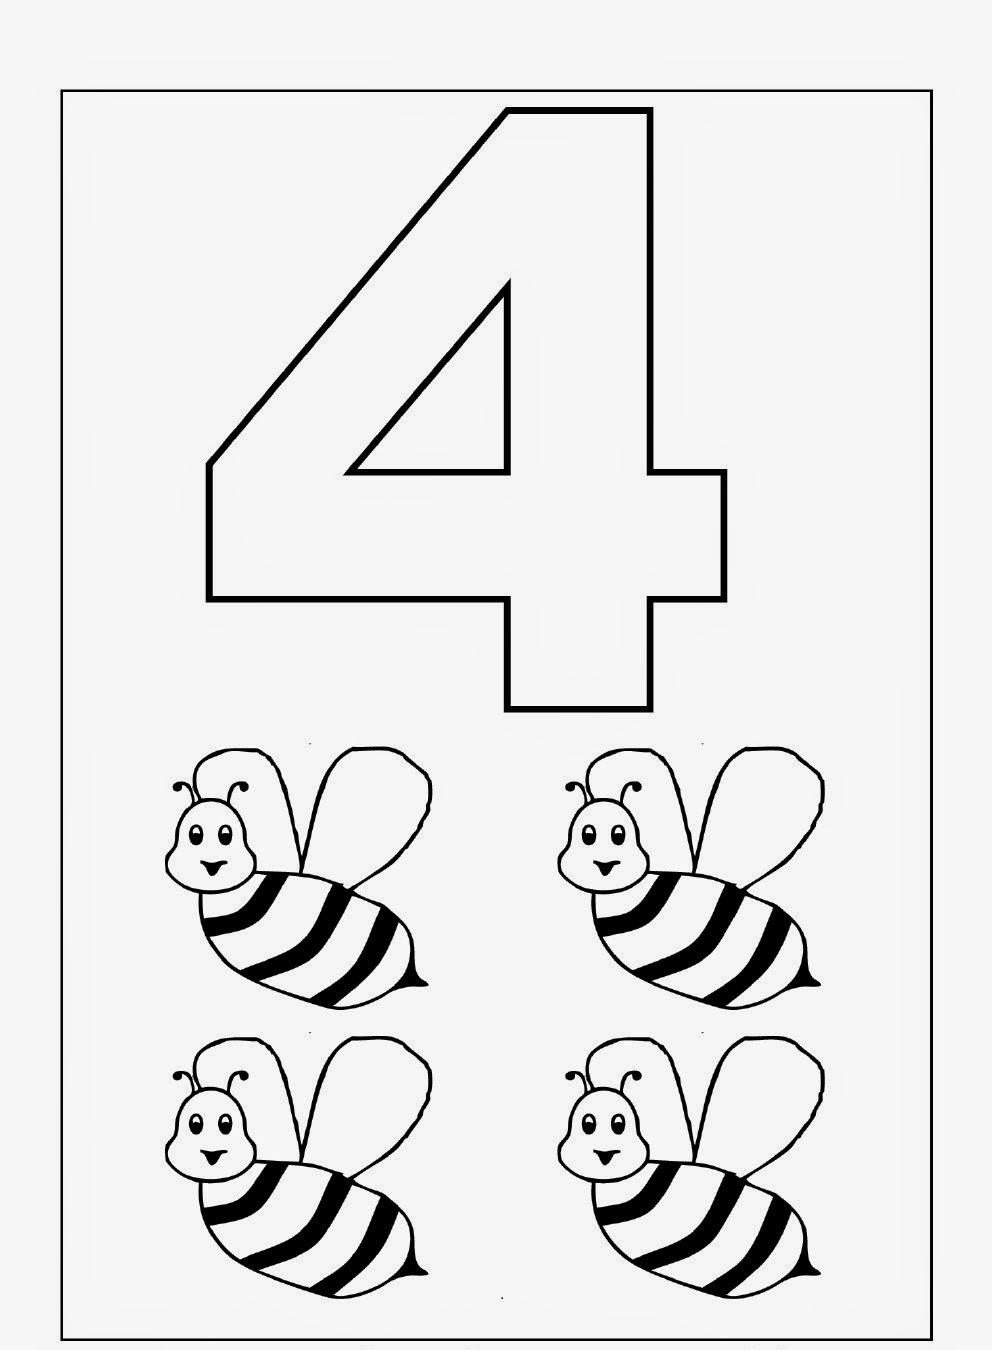 Kindergarten Worksheets: Coloring Worksheets - Maths 1-10 | free coloring worksheets for kindergarten